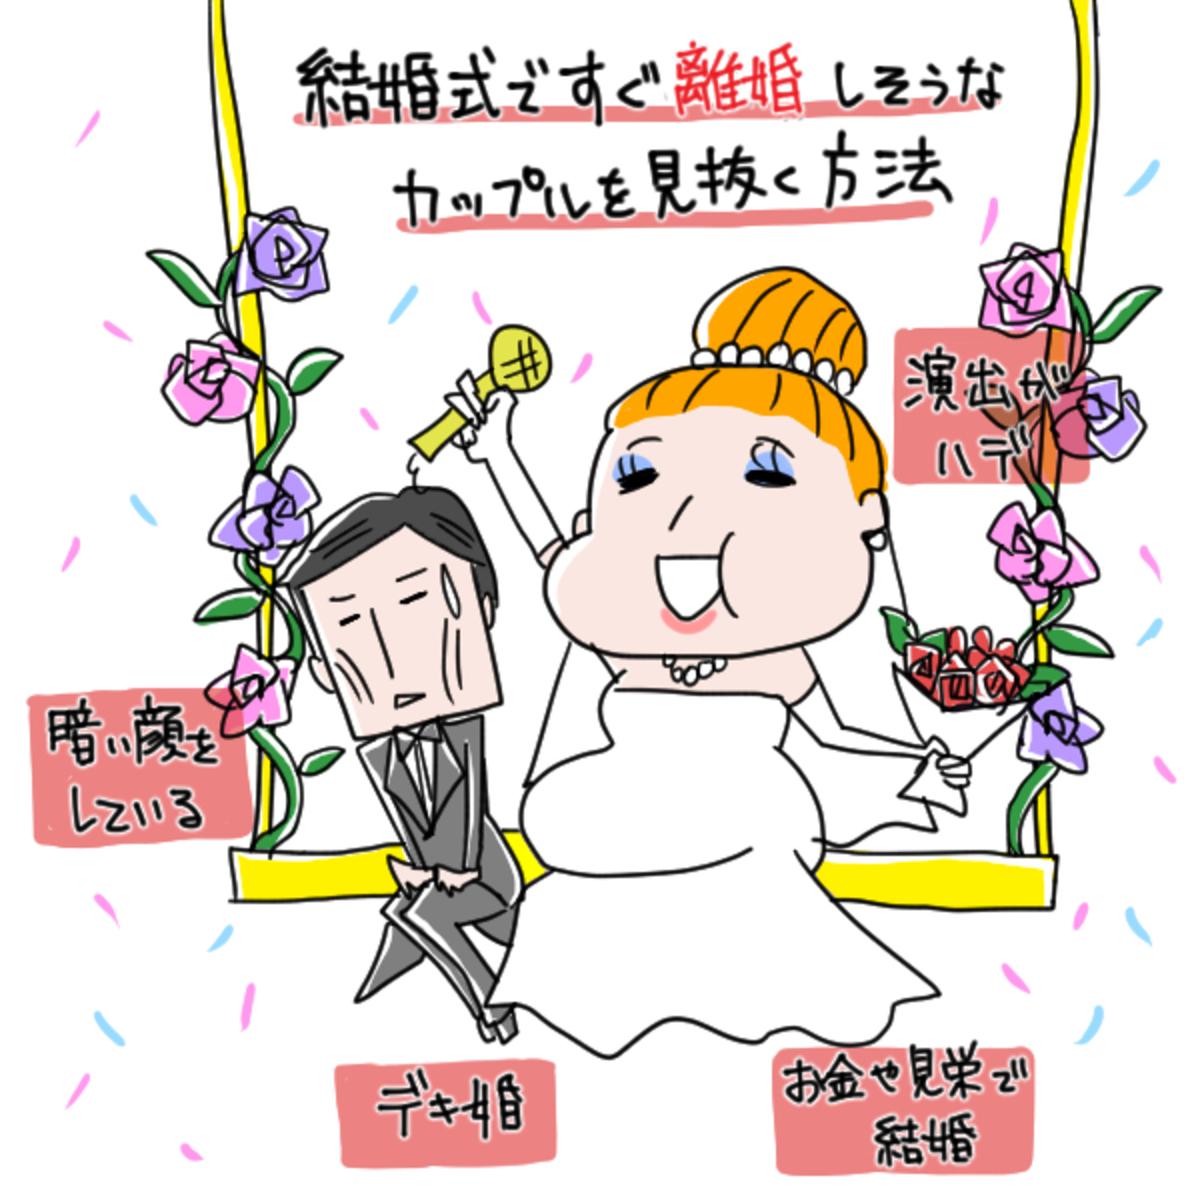 結婚式ですぐに離婚しそうなカップルを見抜く方法【イラストコラム